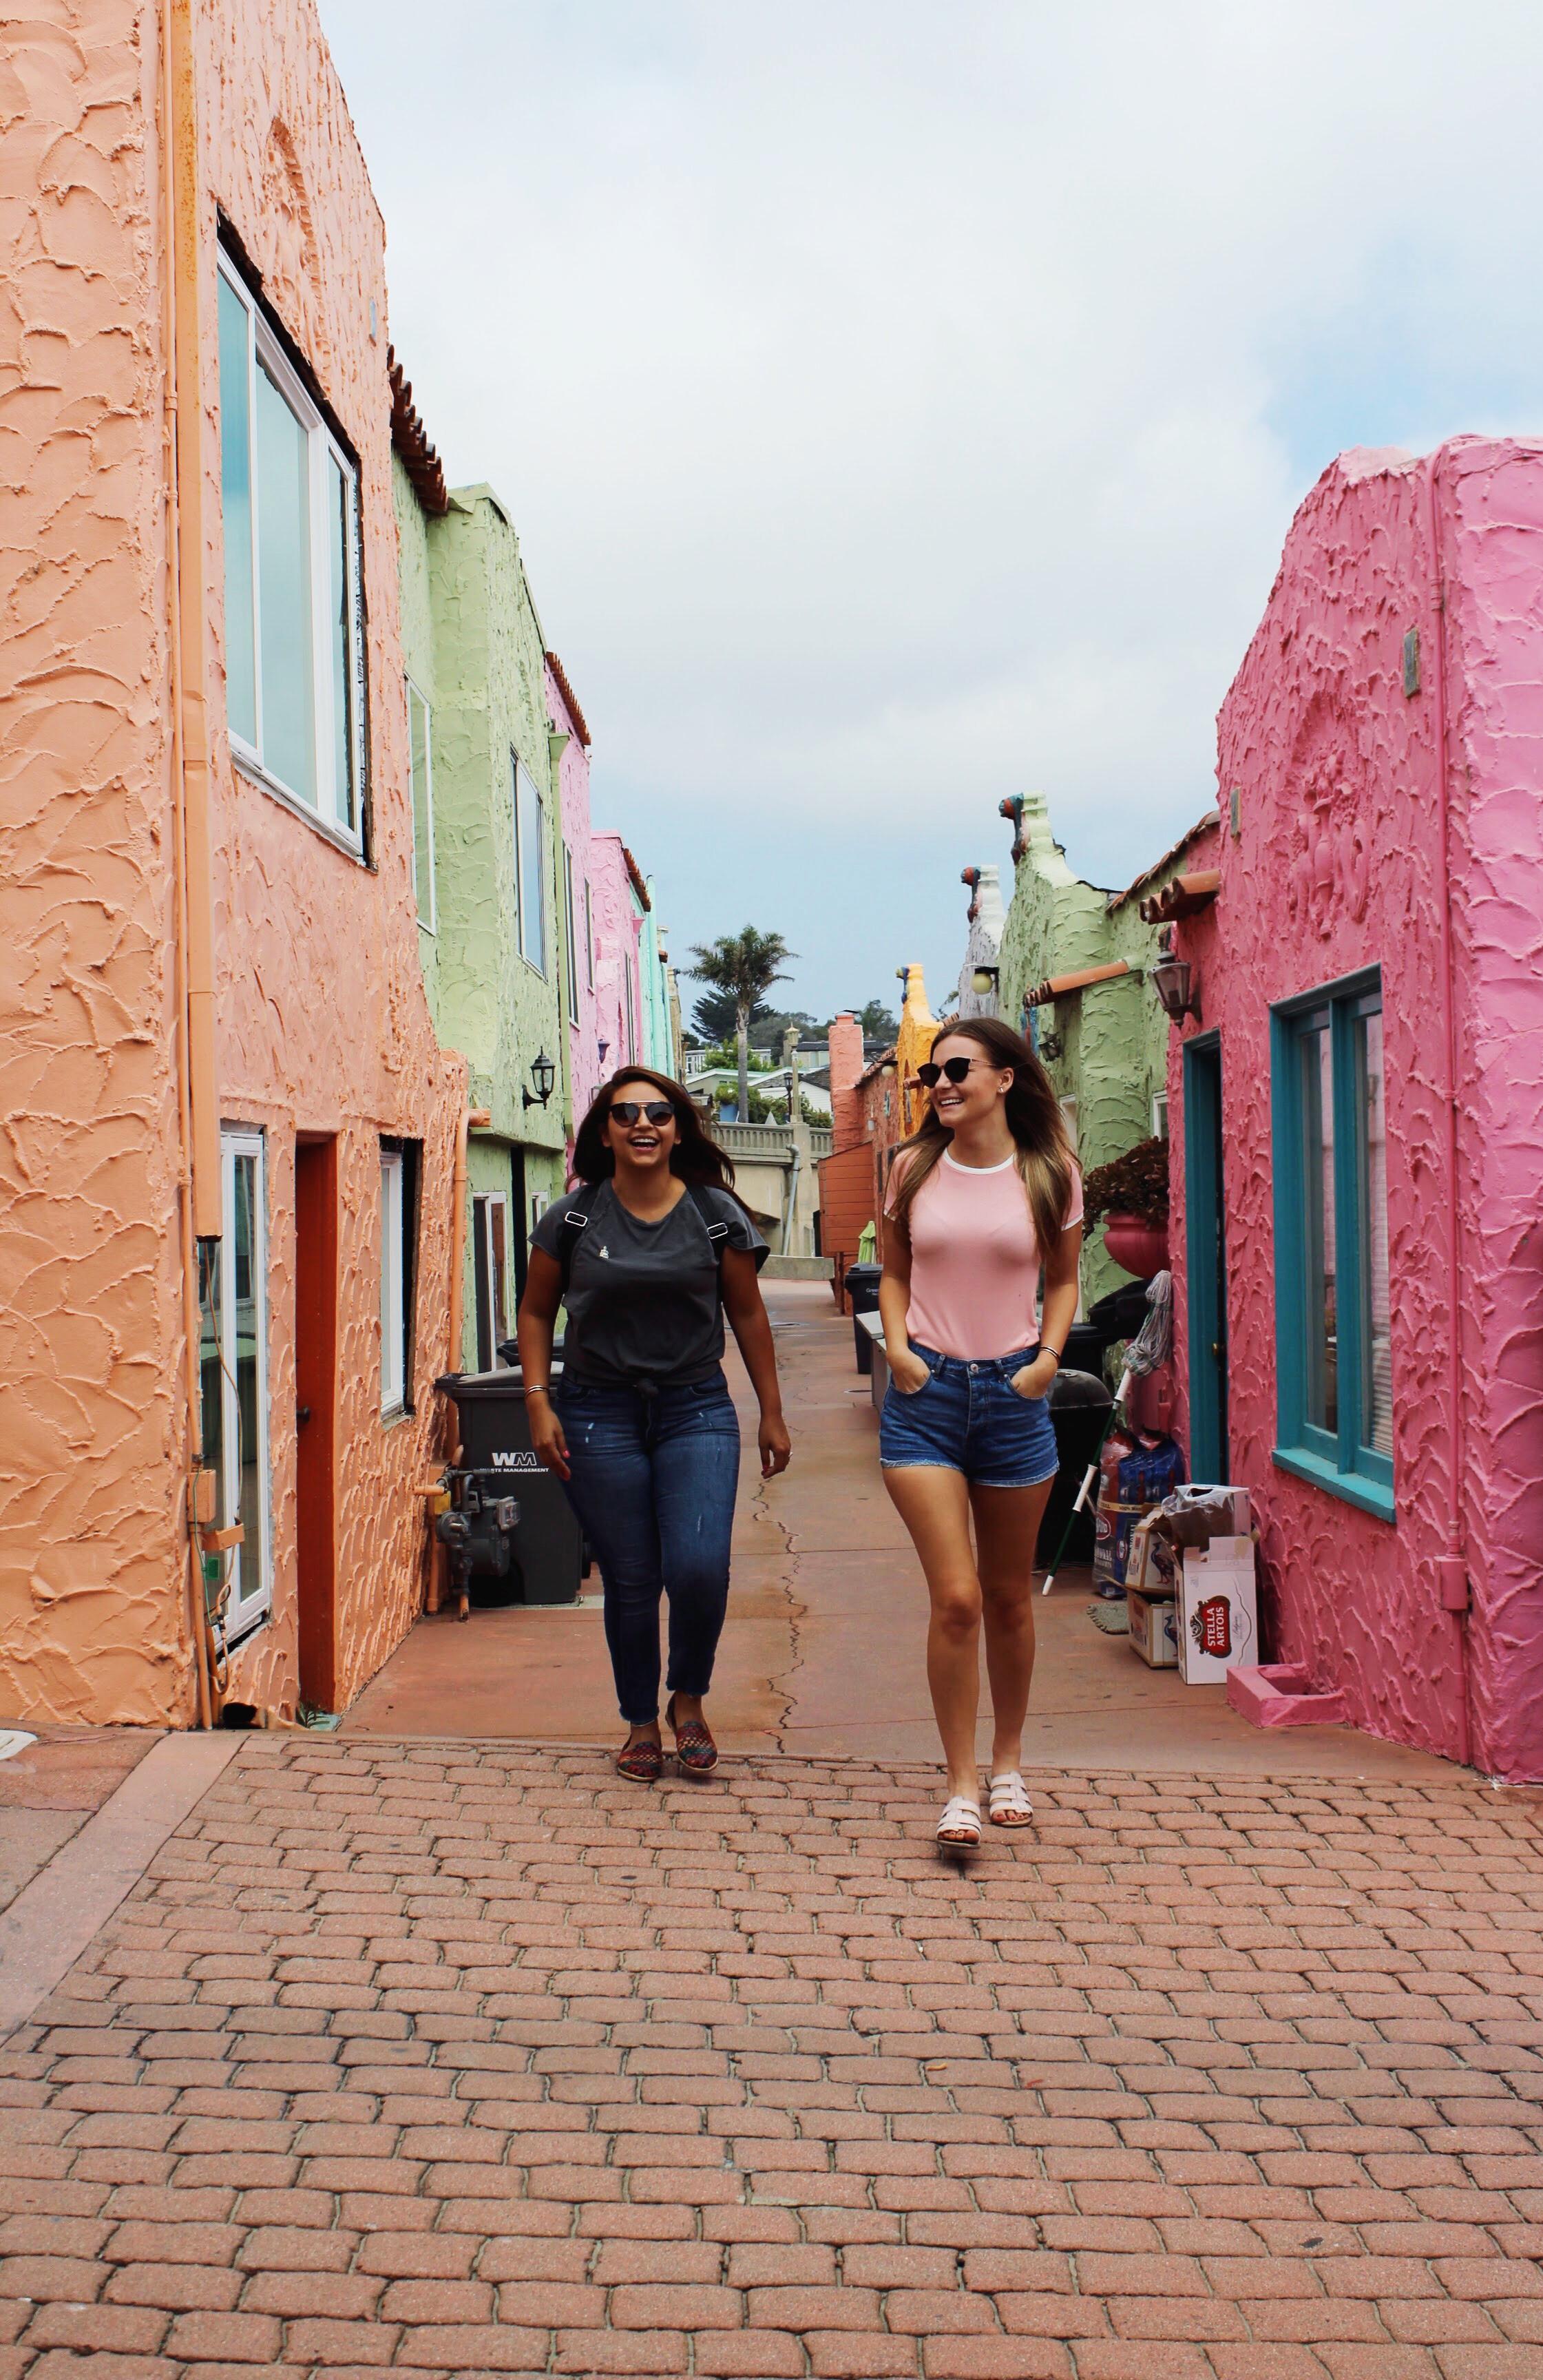 Venetian Hotel Bright Colorful Buildings in Santa Cruz